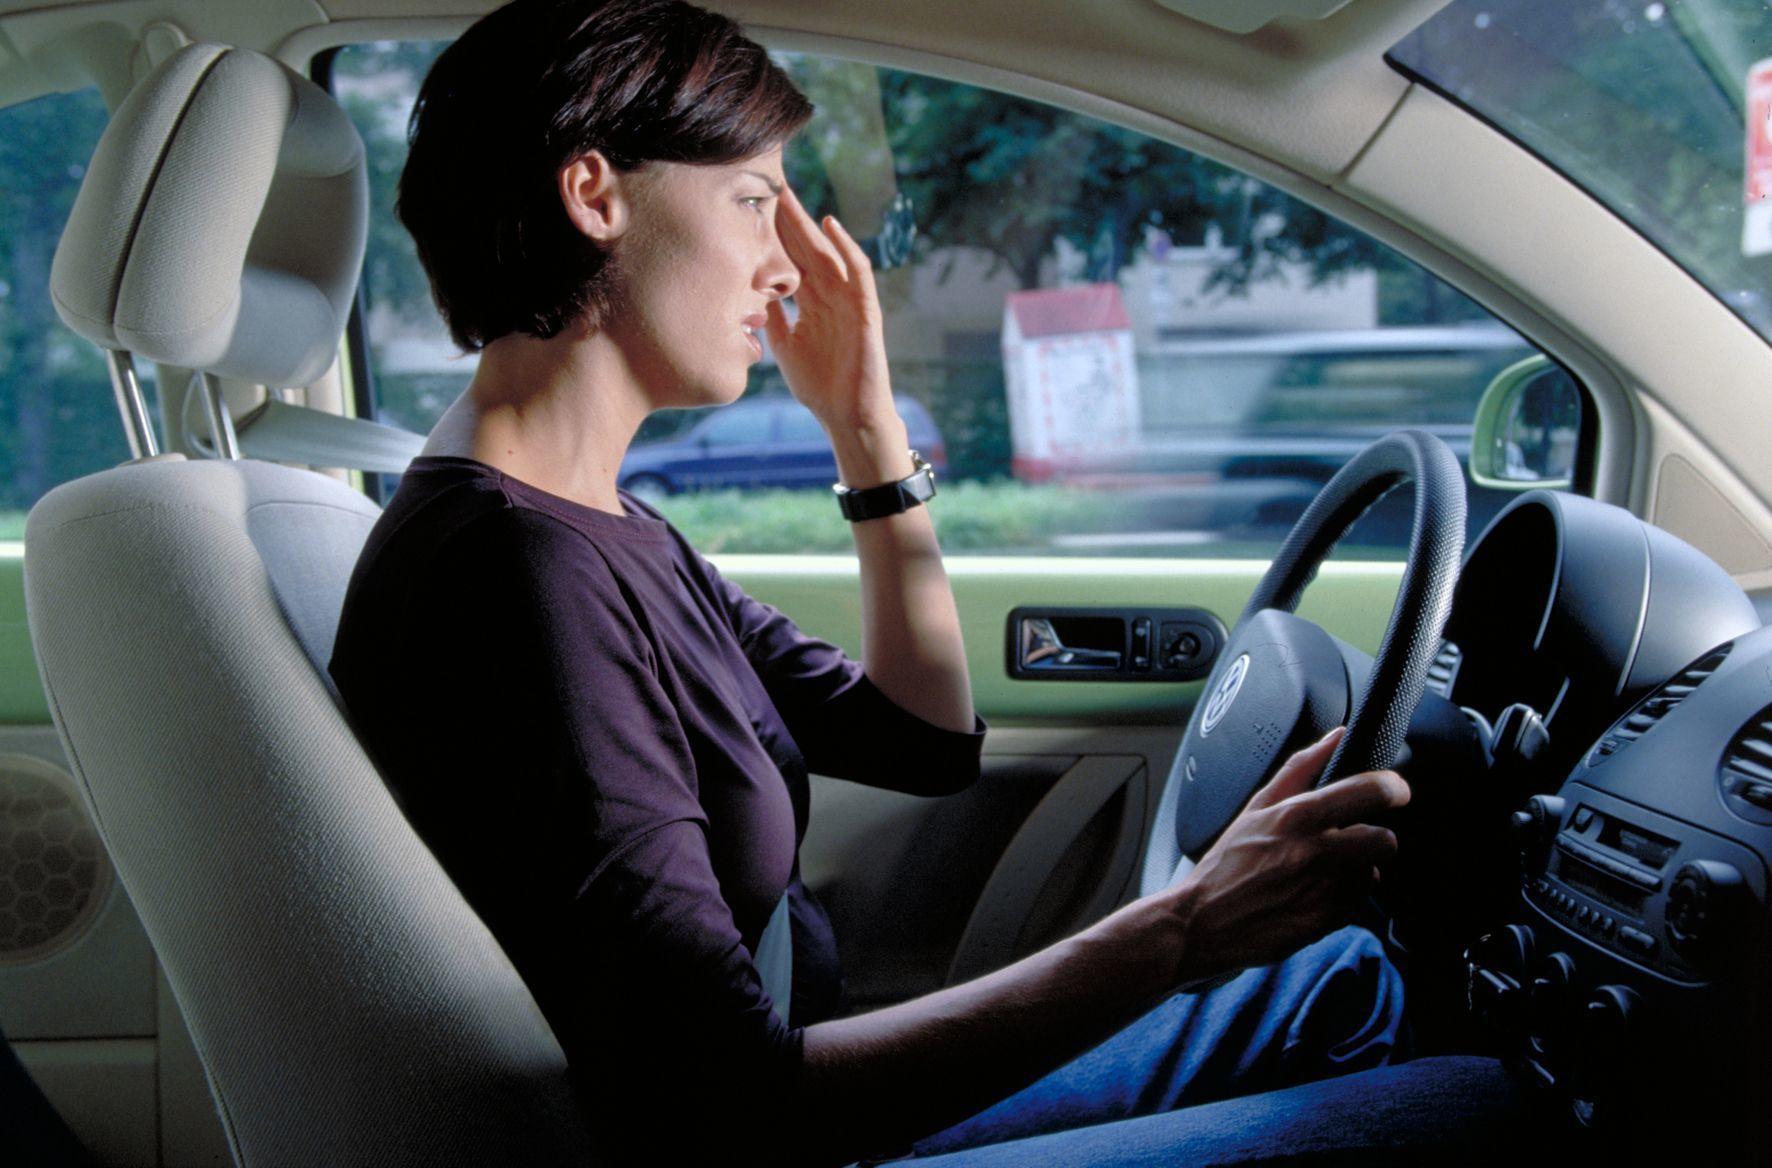 mid Groß-Gerau - Viele Autofahrer leiden unter der Hitze - und das ist sehr gefährlich: Mit steigenden Temperaturen sinkt die Konzentrationsfähigkeit, die Ermüdung steigt, Fahrfehler nehmen zu und damit die Wahrscheinlichkeit eines Unfalls.